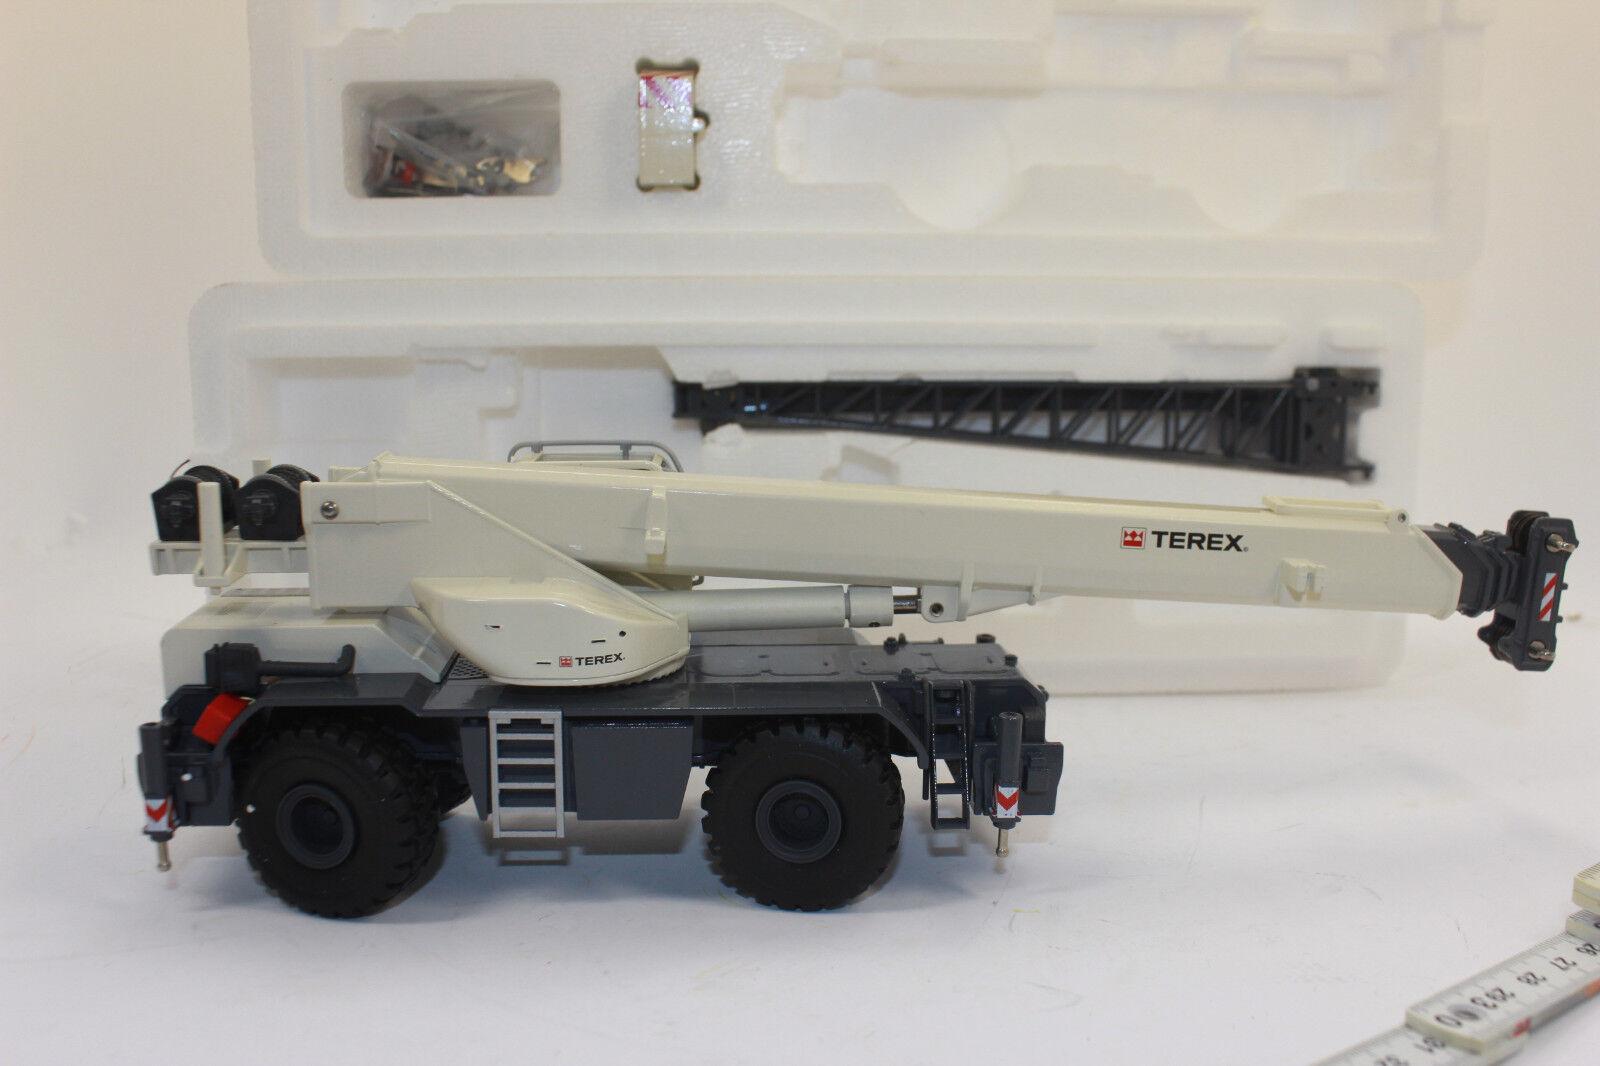 Conrad 2115 TEREX RT 90 Brut Terrain Grue Grue mobile mobile mobile 1:50   Exquis (en) Exécution  5d33f0